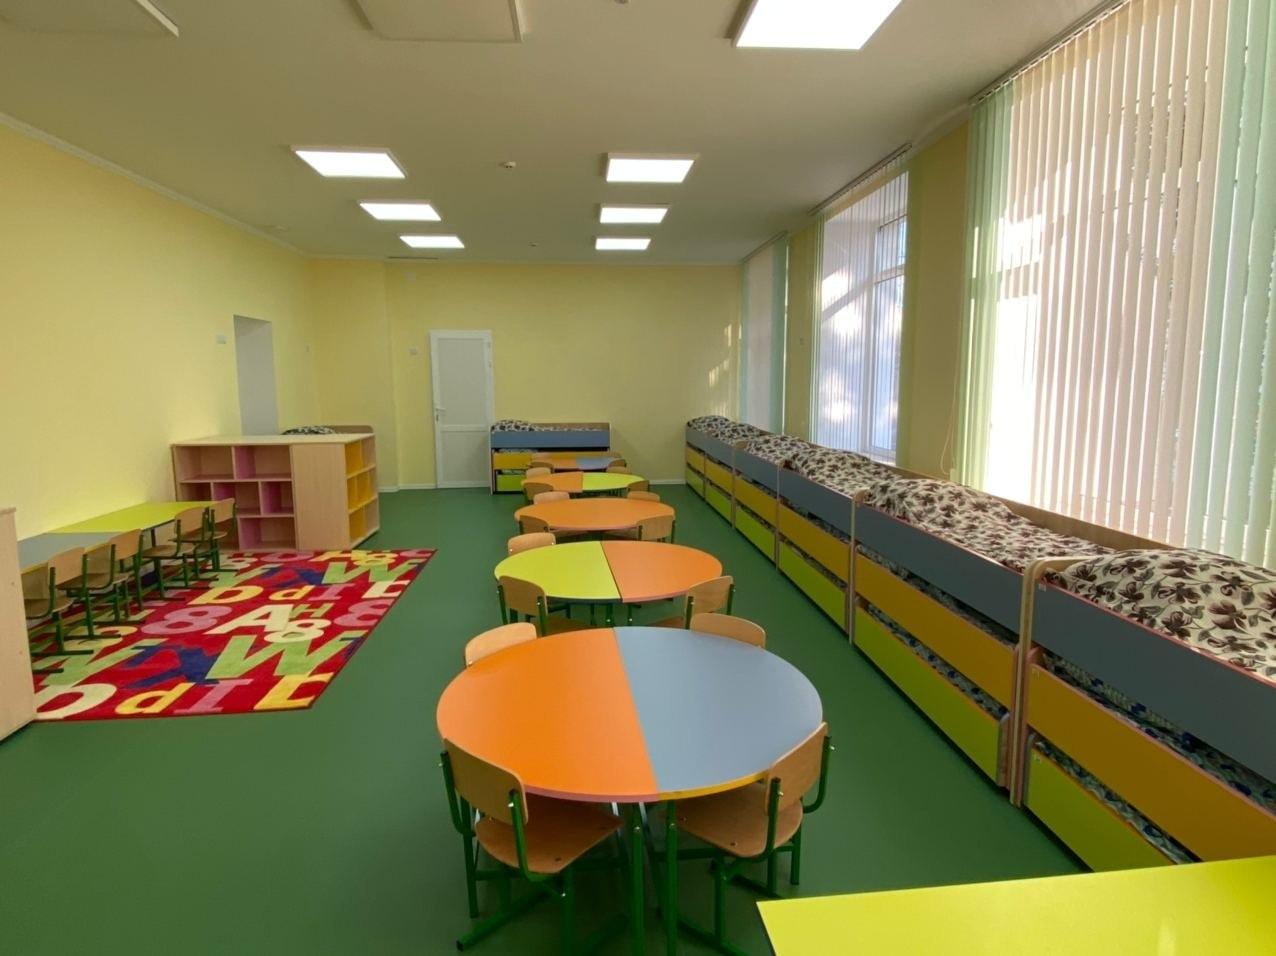 Чебан попросил ответственных разработать и представить план действий для увеличения числа мест в детских садах Кишинёва